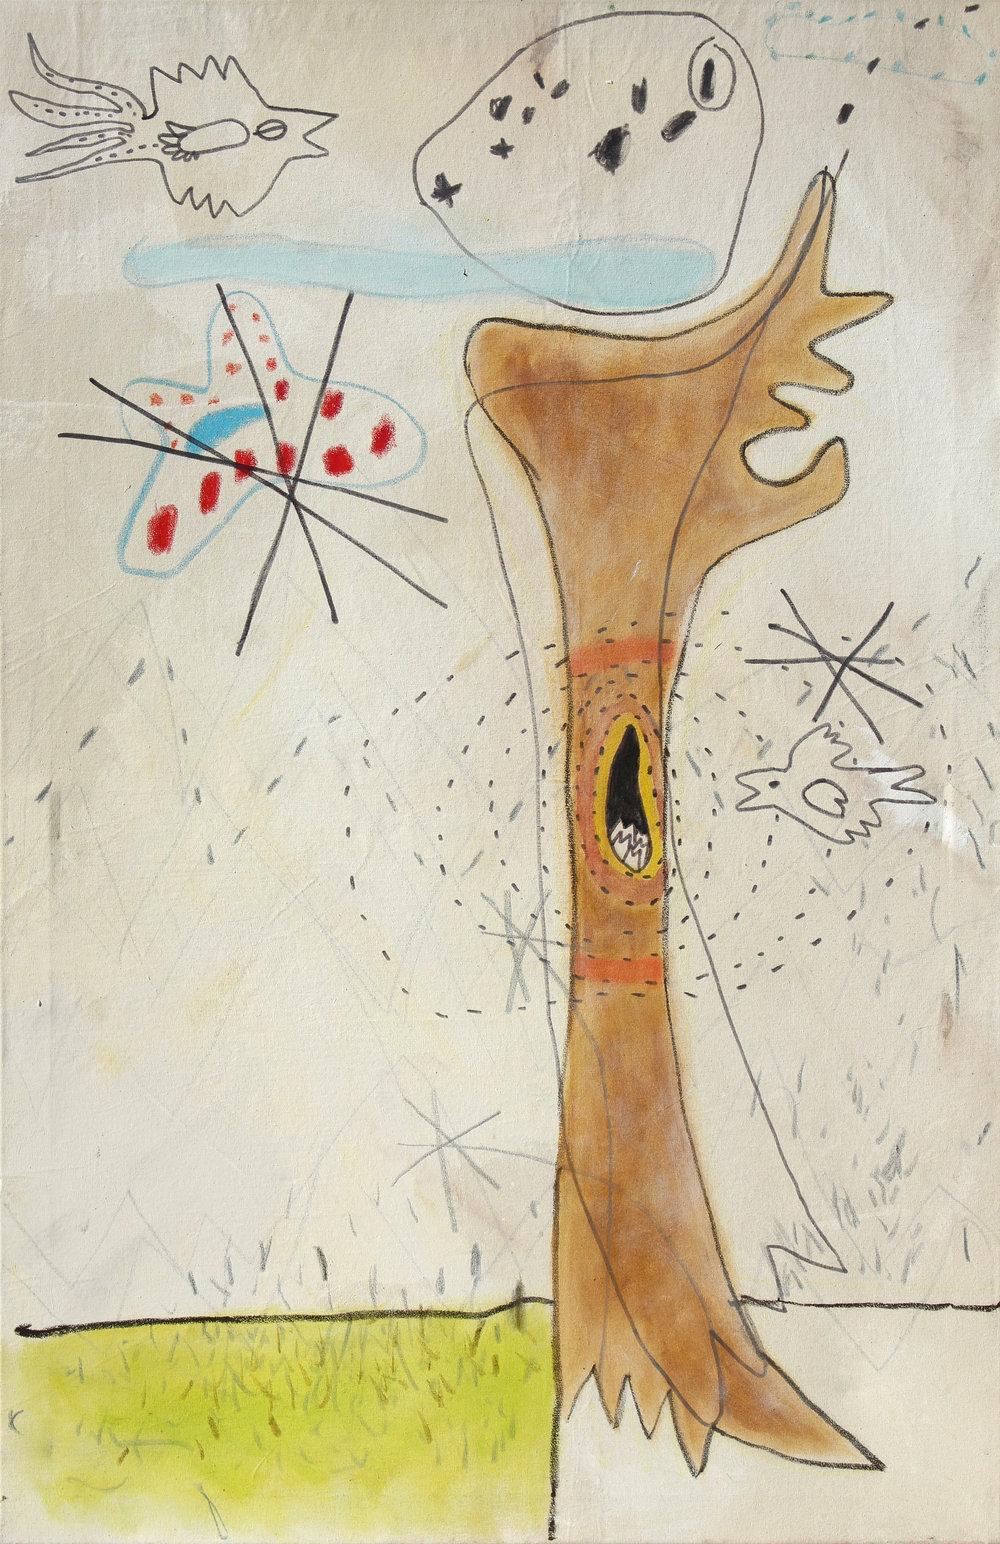 leben-tod-leben (2004) Acryl, Marker, Ölkreiden auf Leinwand 80 x 125 cm